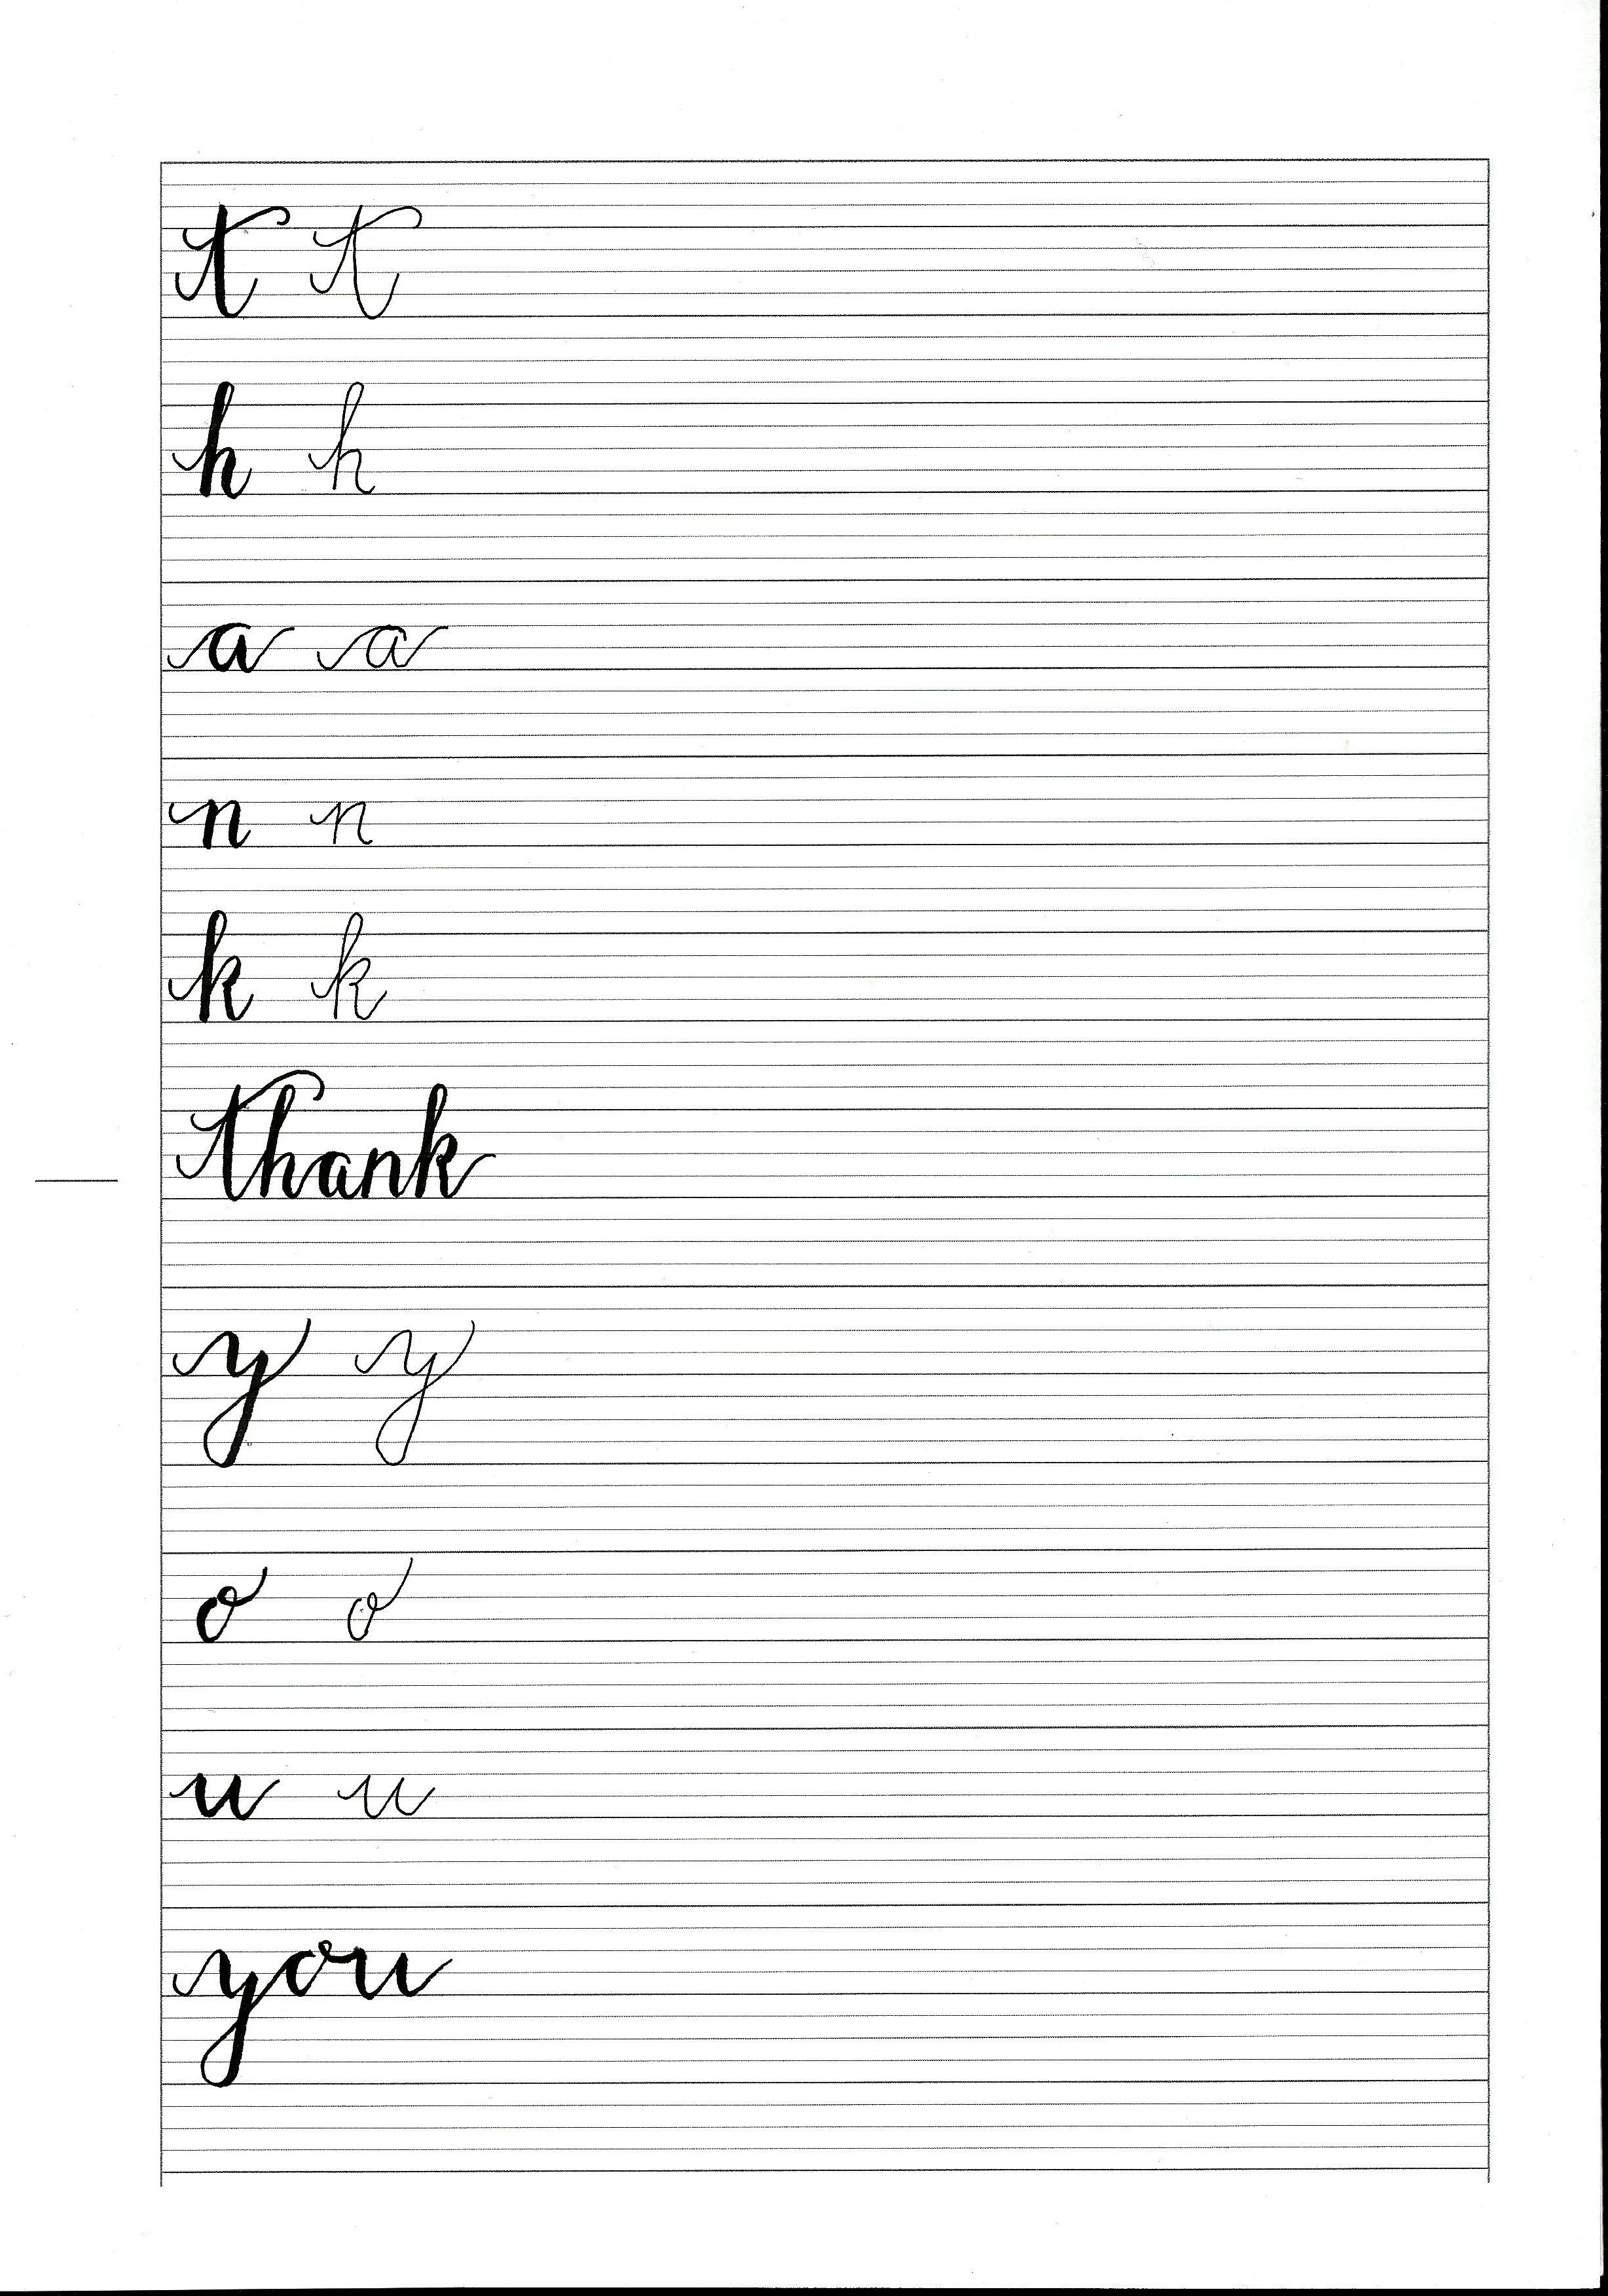 Ein Worksheet Fur Euch Zum Thema Calligraphy Den Ersten Buchstaben Konnt Ihr Euch Anschauen Um